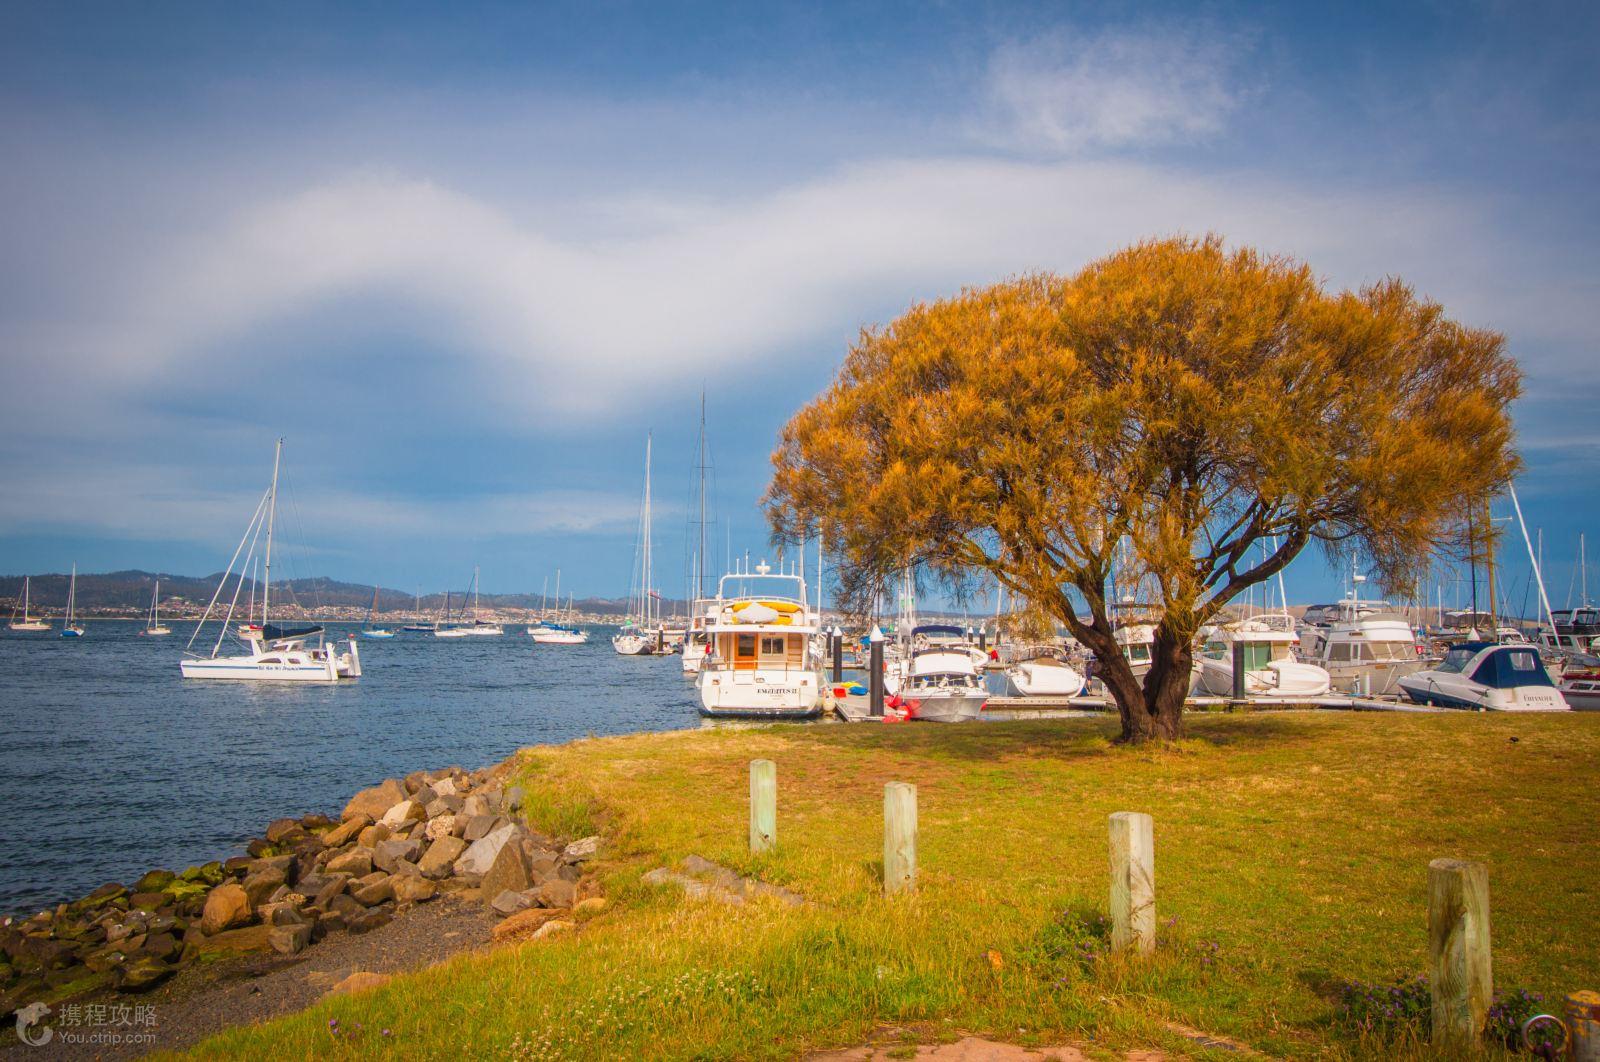 澳大利亚黄金海岸 墨尔本 凯恩斯 悉尼 布里斯班10日跟团游·蓝山公园